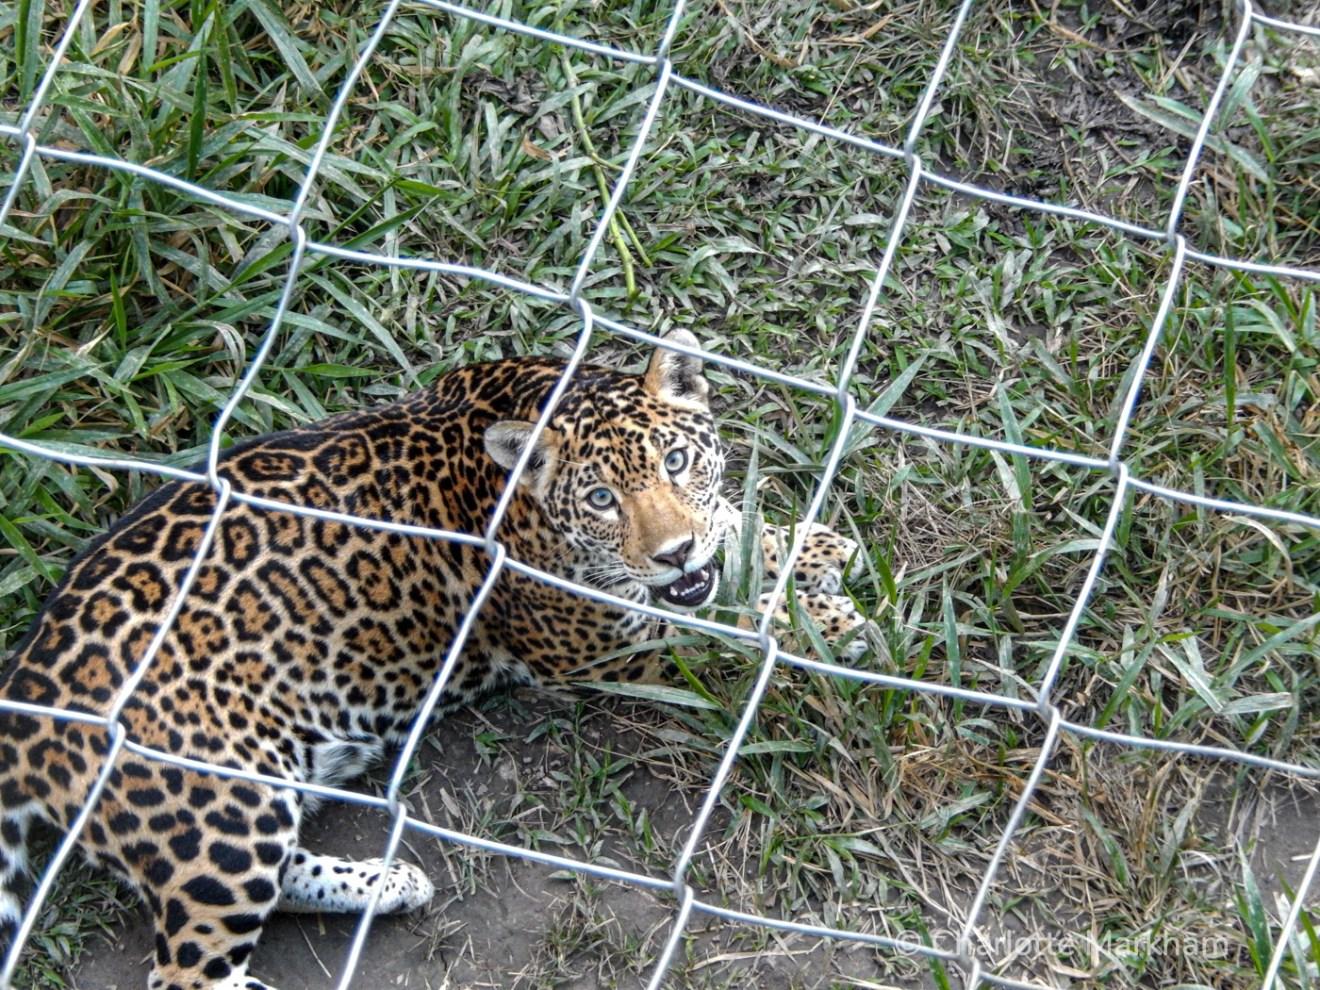 Brazilian jaguar in sanctuary